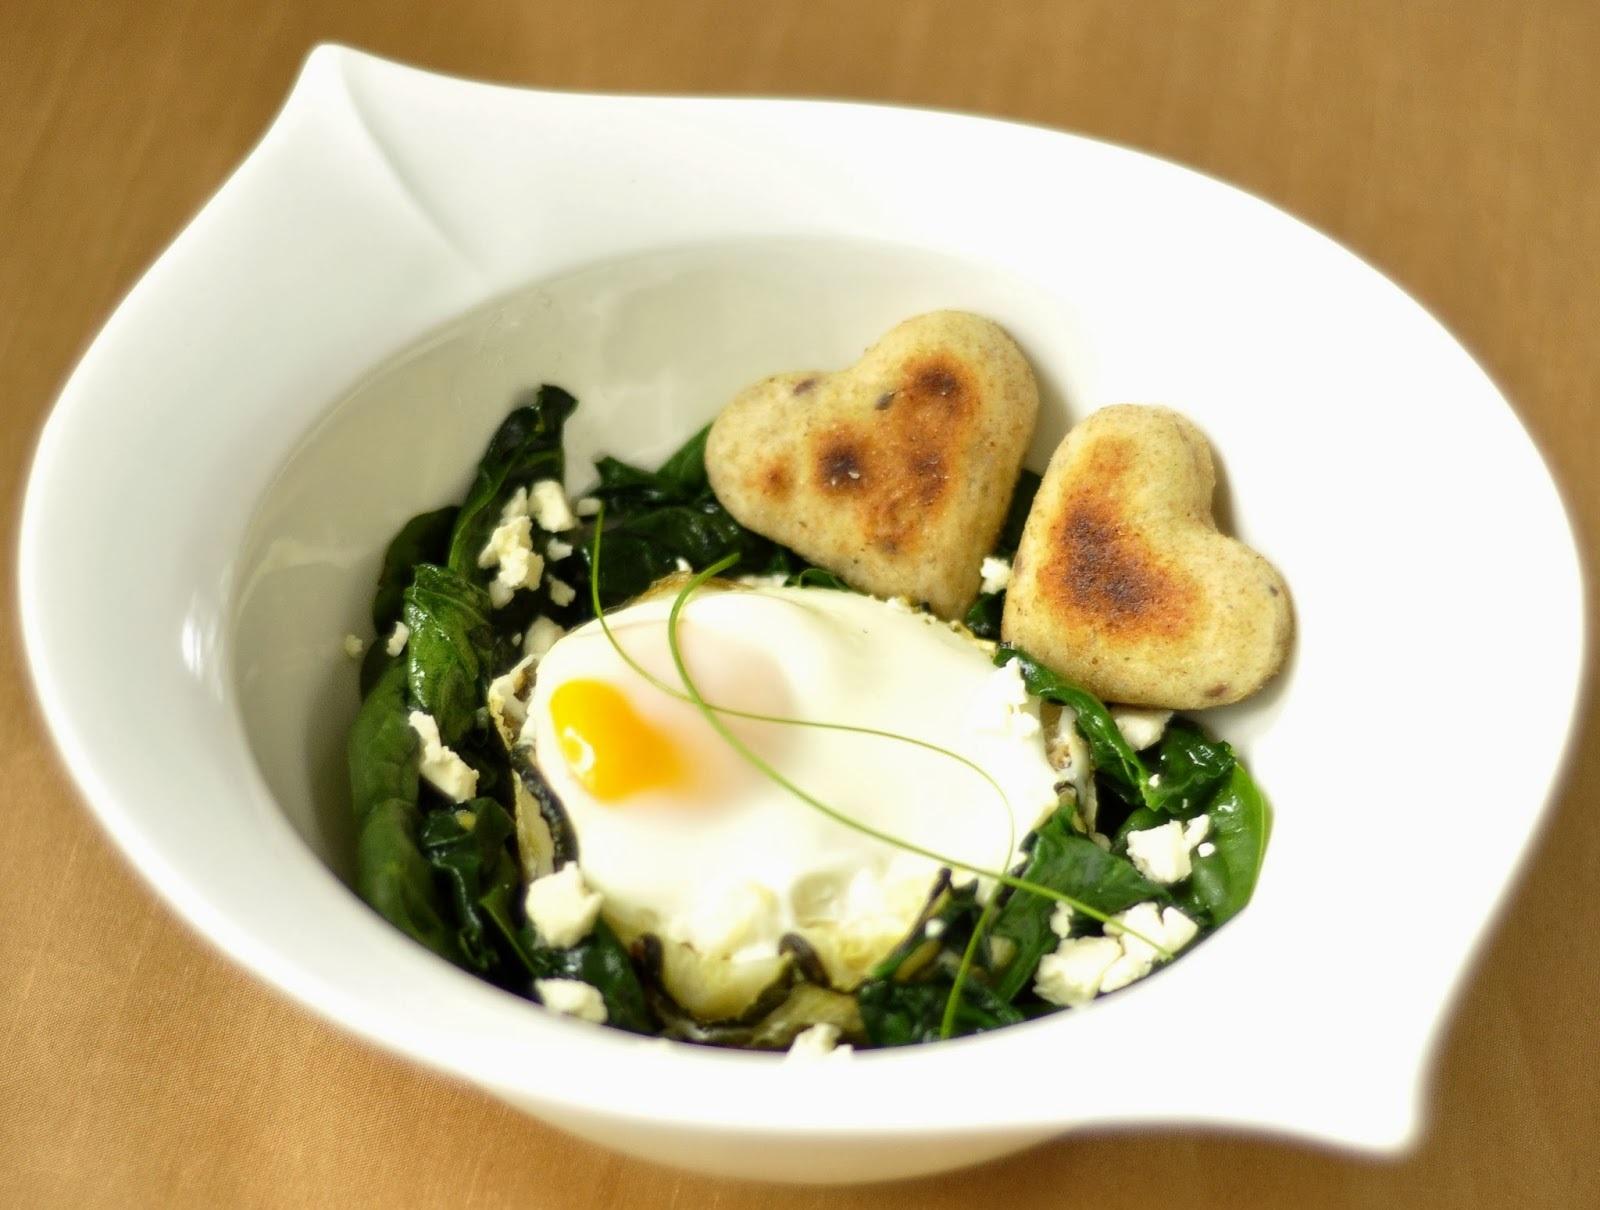 Cuketa, tofu, syr, vajce a špenát so srdiečkami